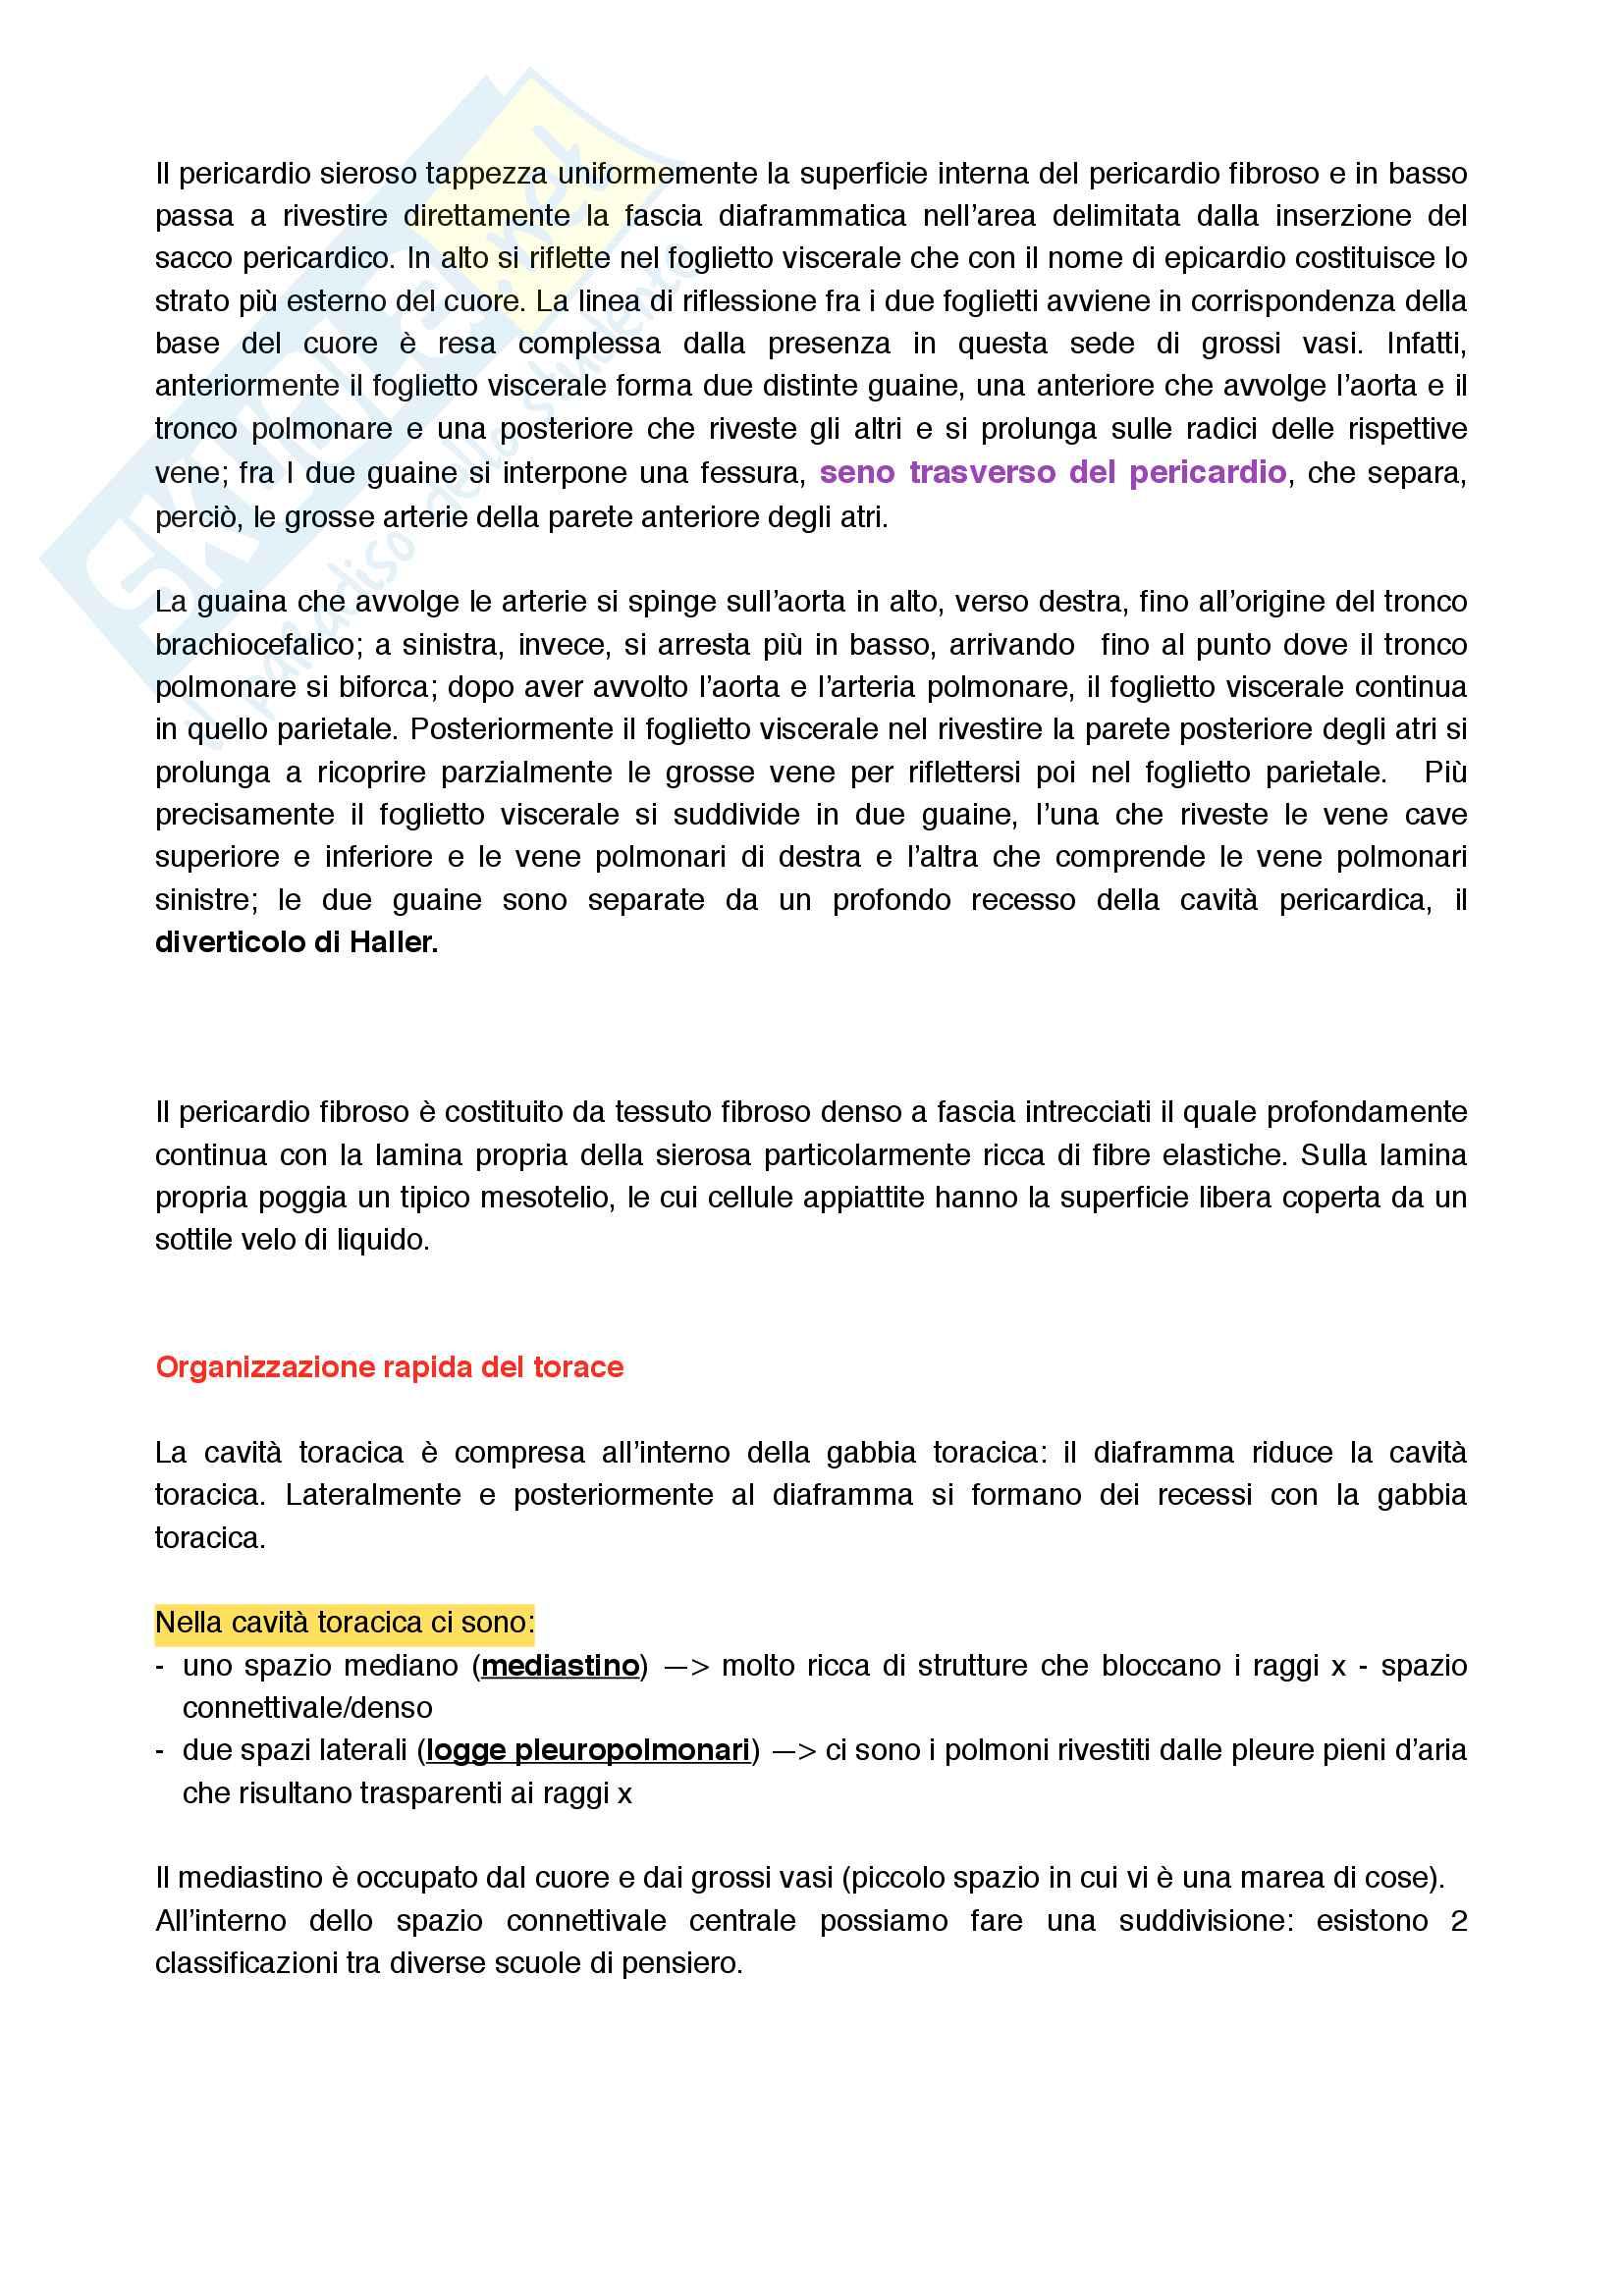 Cuore, sistema di conduzione e sua circolazione Pag. 26